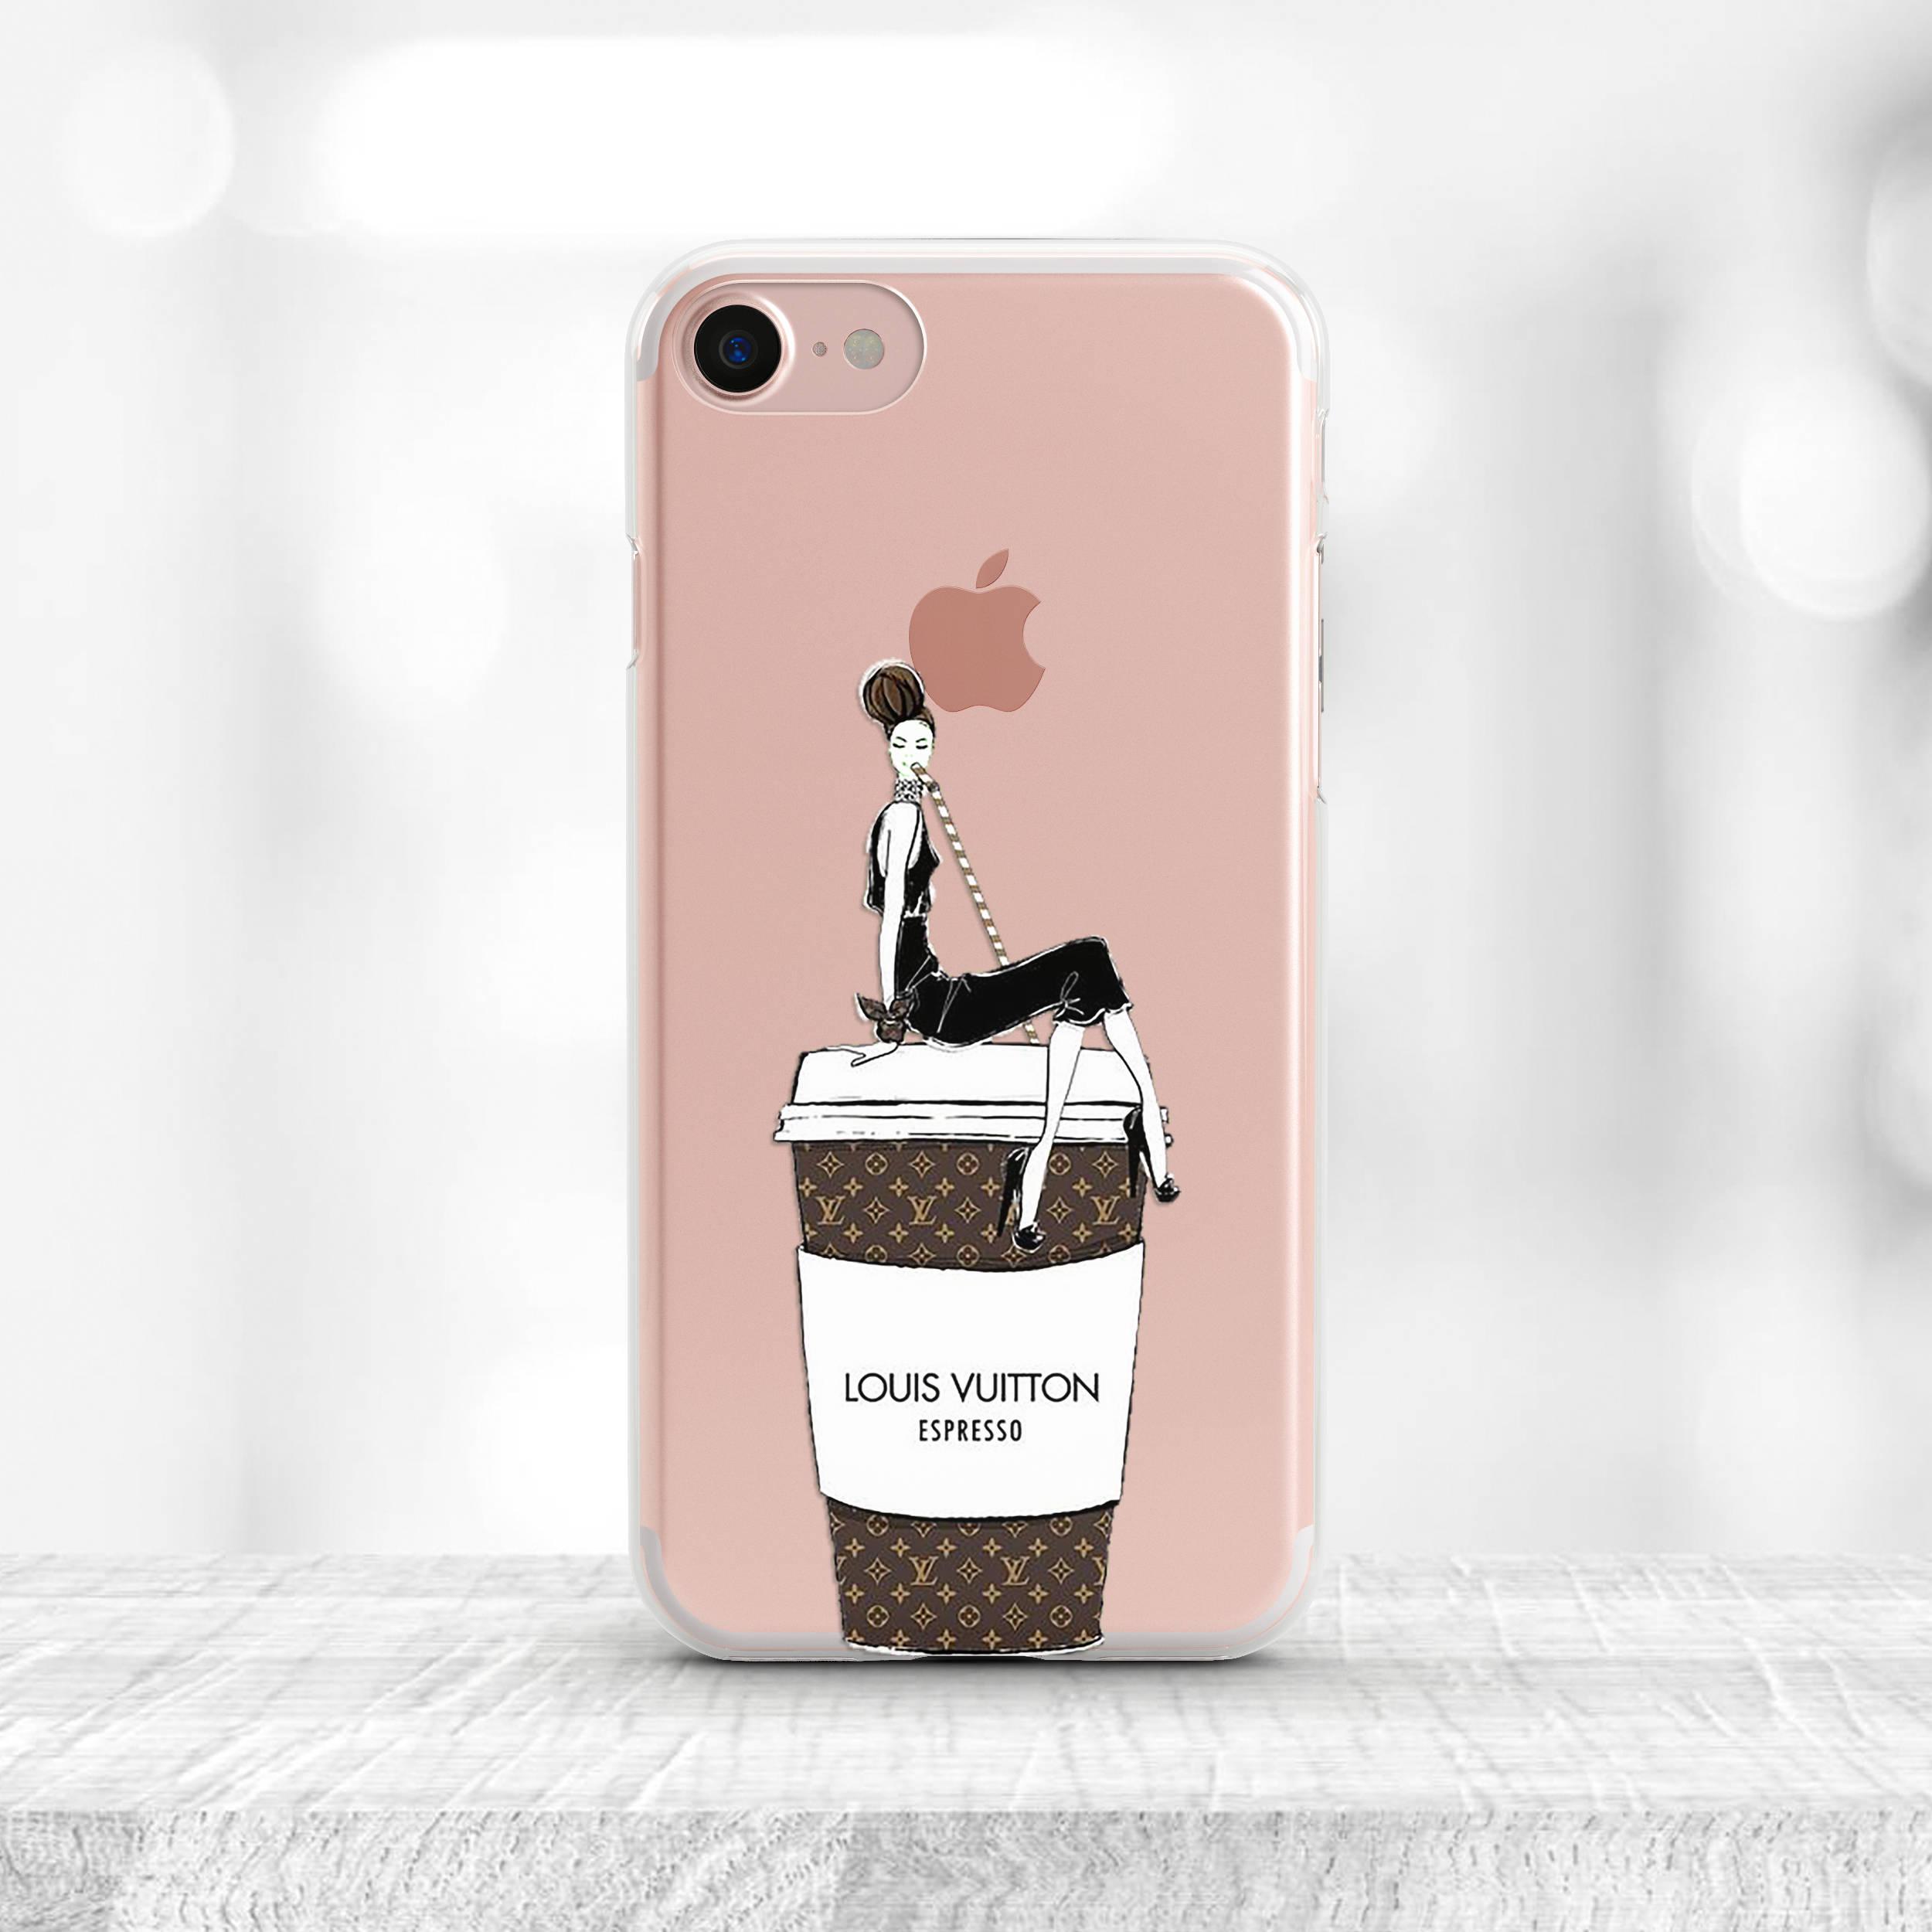 Louis Vuitton iphone 7 Plus Case Chanel iPhone 7 Case Chanel